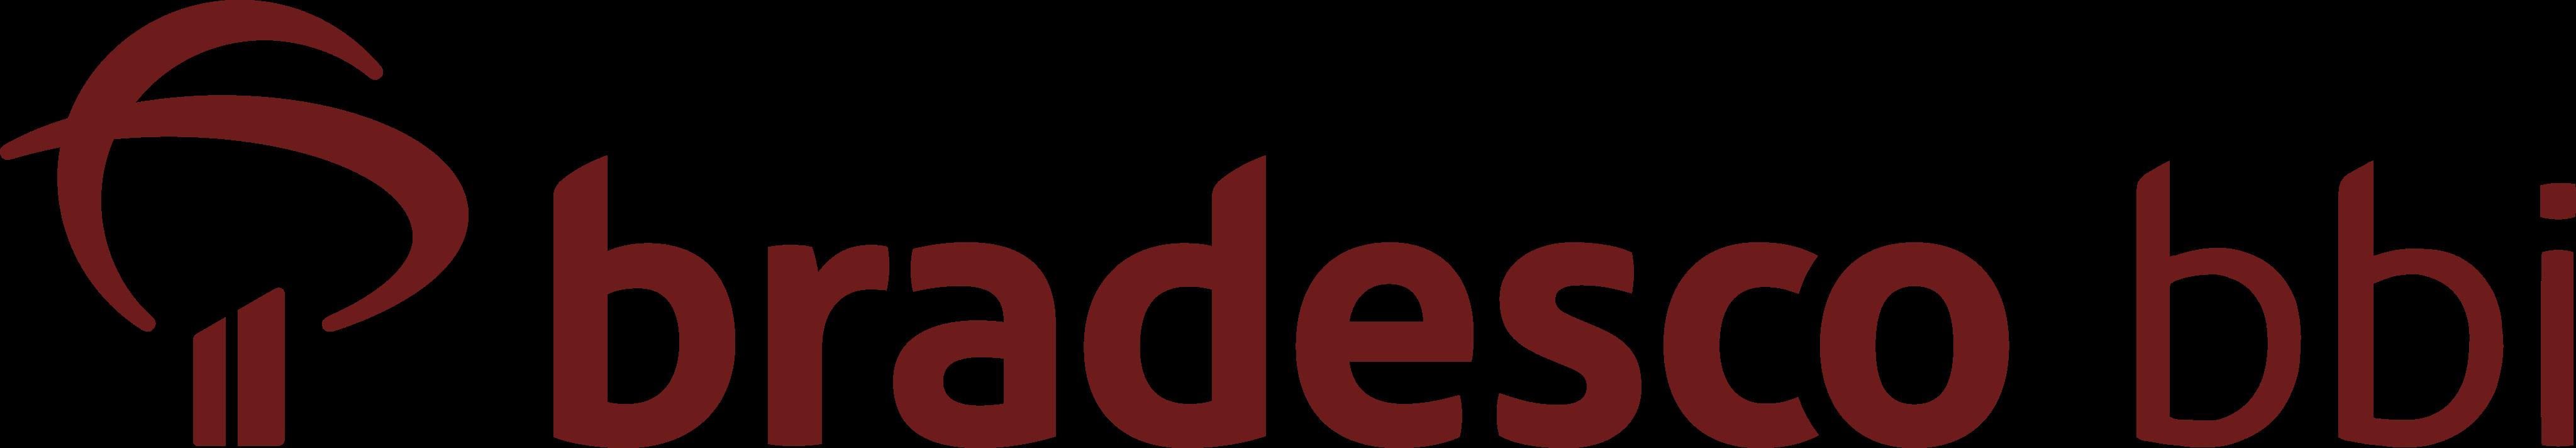 Bradesco BBI Logo.